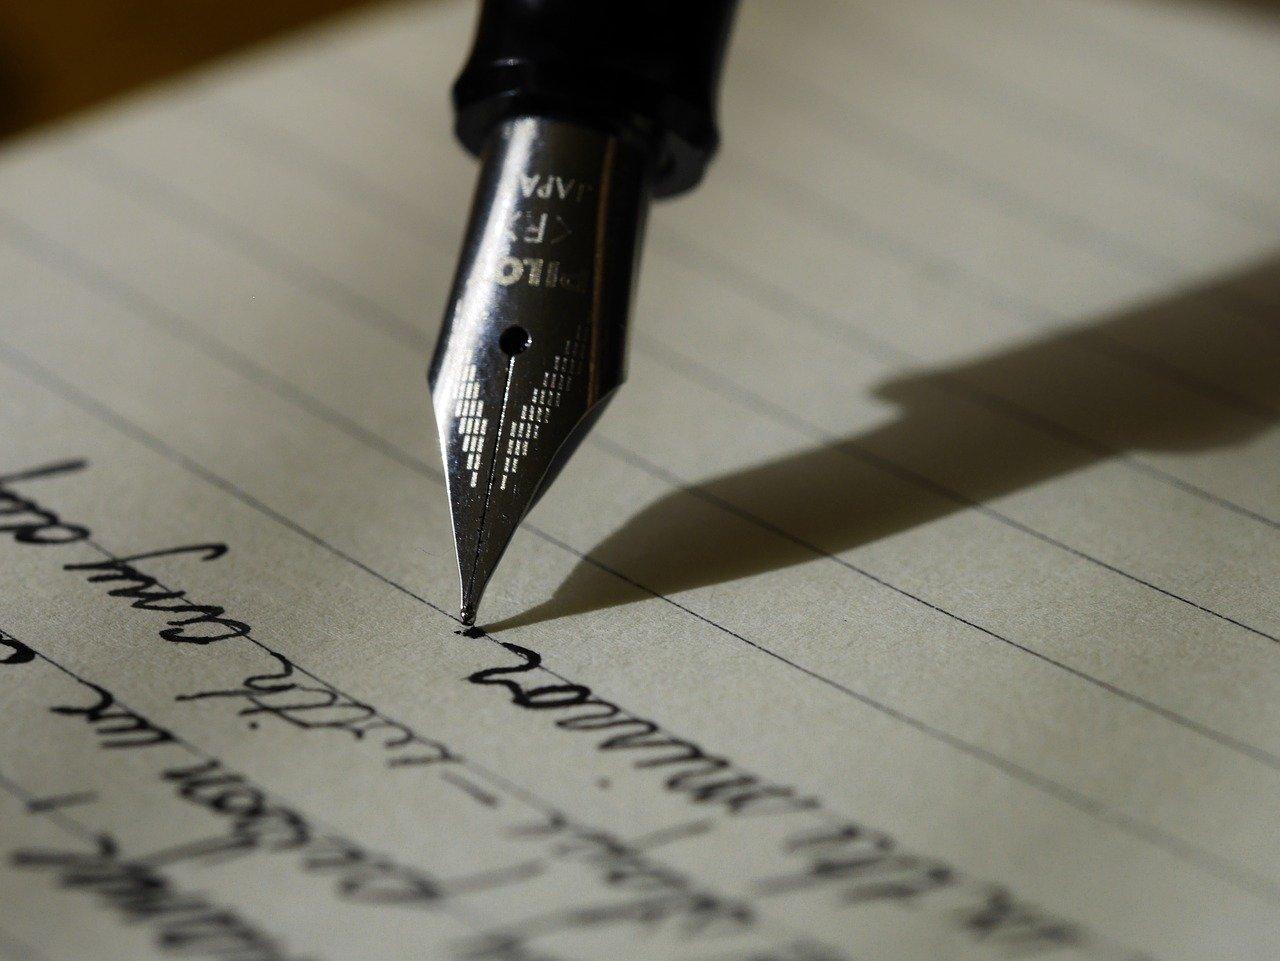 Lettres manuscrites : internaliser ou utiliser une plateforme ?